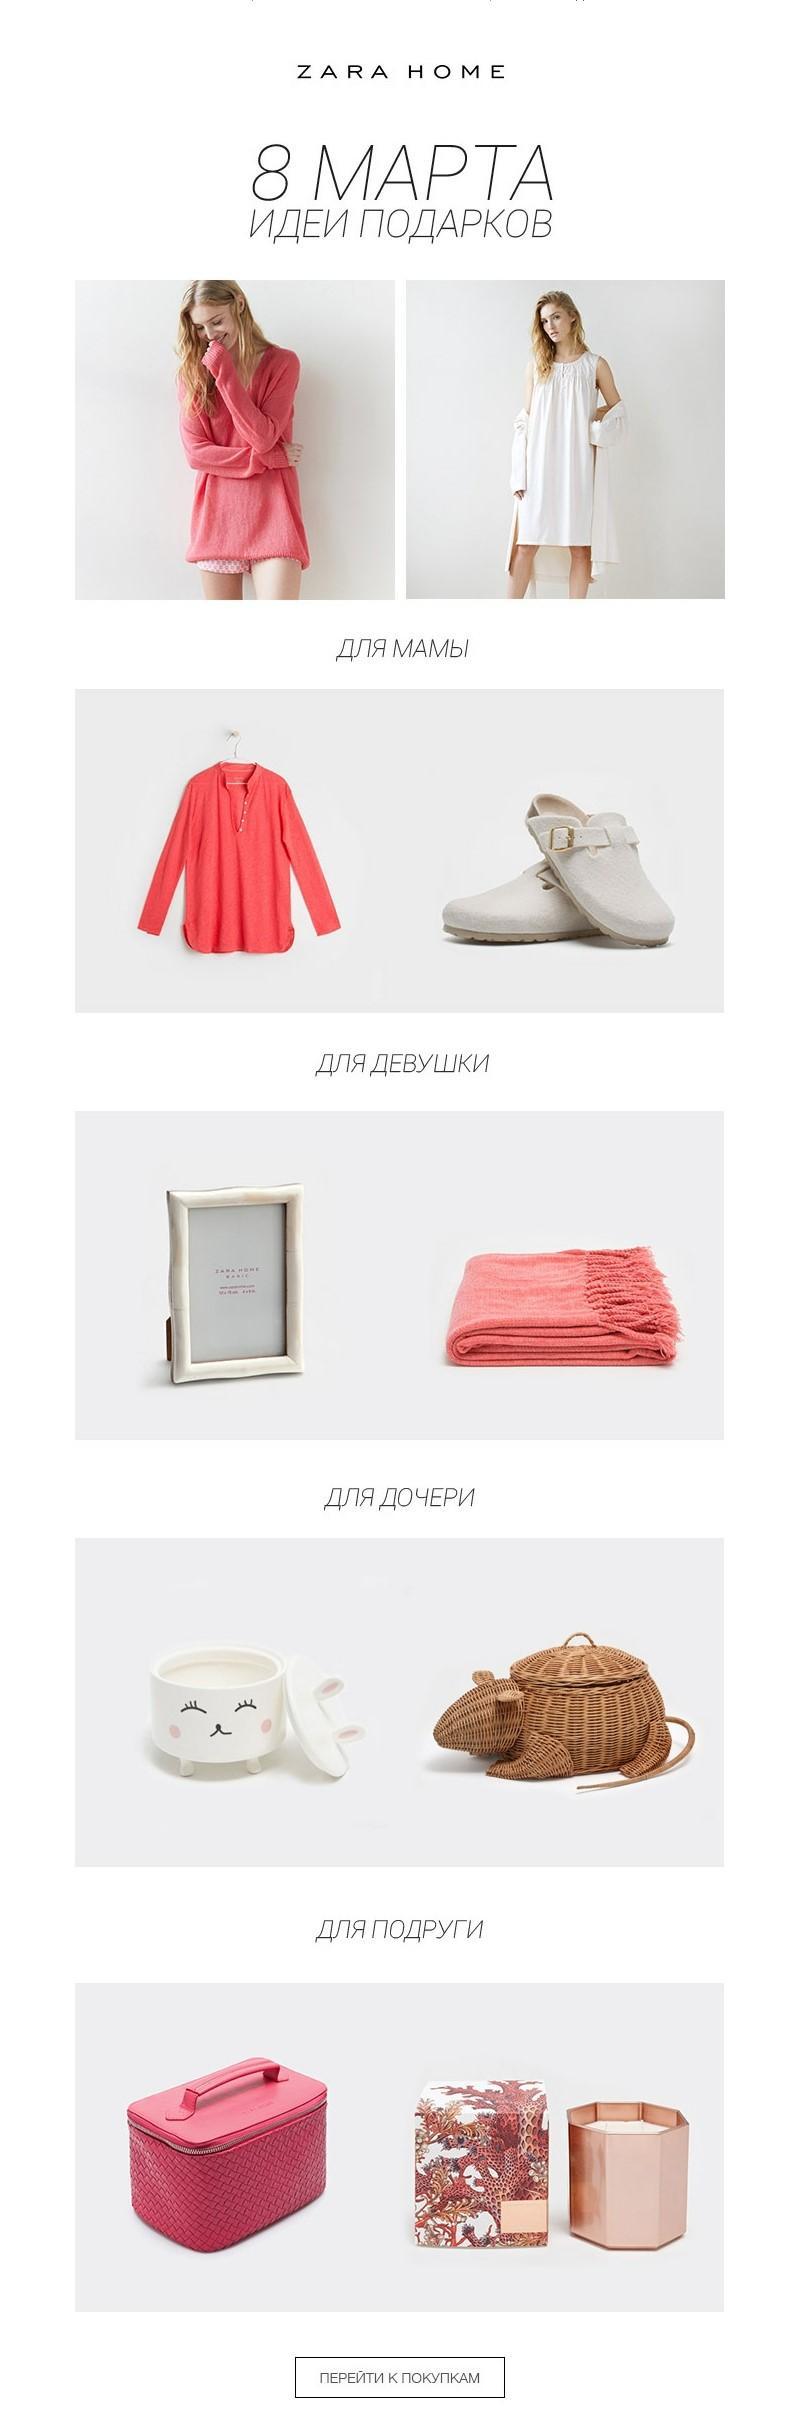 Лаконичный дизайн от Zara. Отдельные фотографии товаров и всего по две альтернативы на выбор